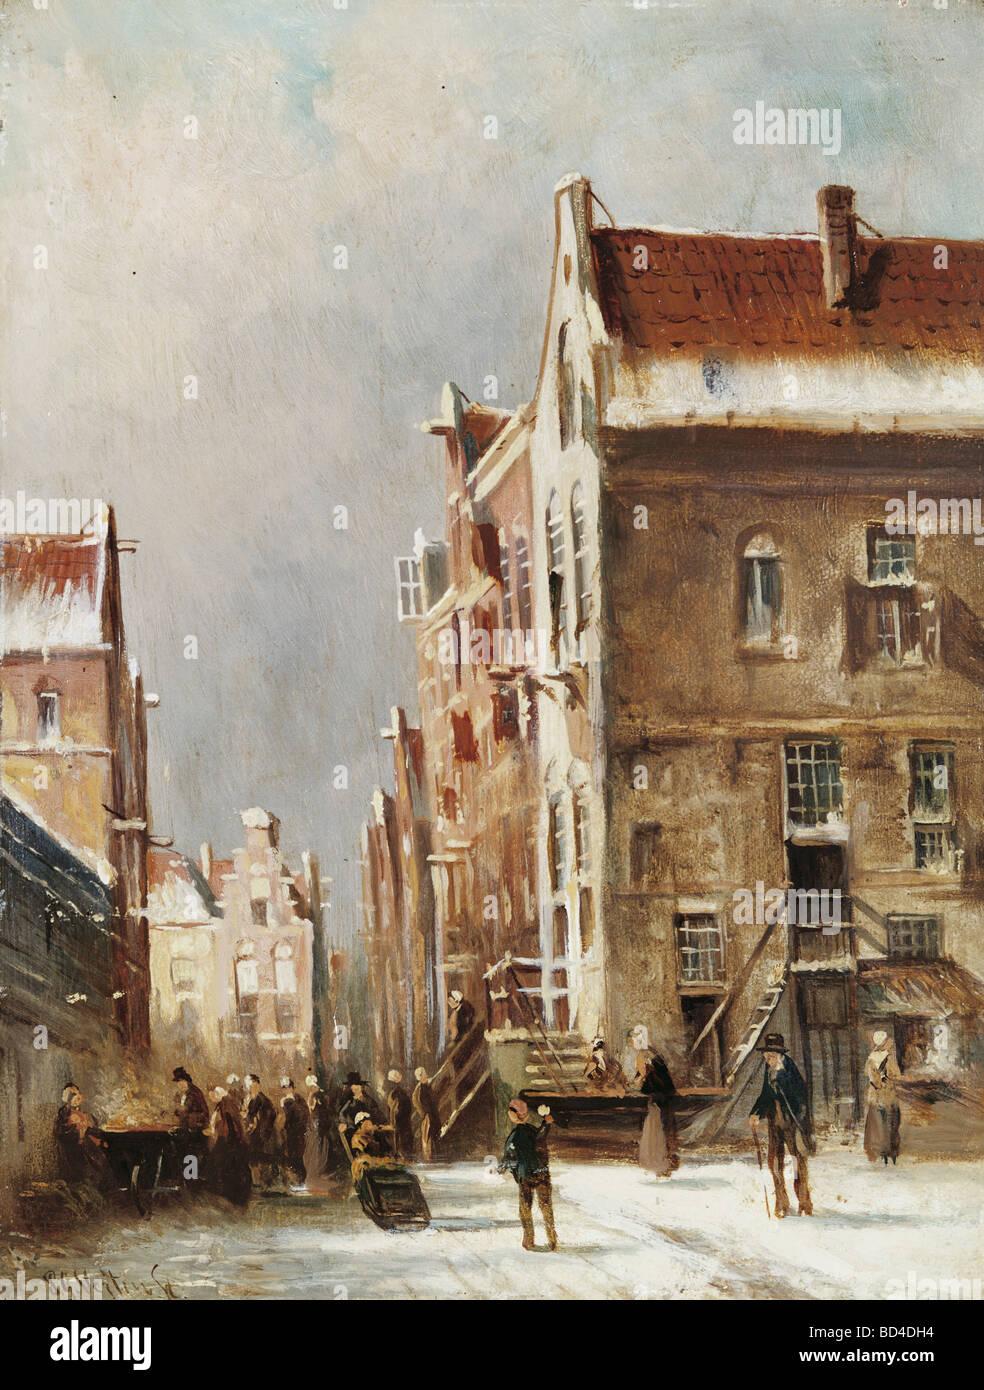 Beaux-arts, Vertin, Pieter Gerardus (1819 - 1893), peinture, 'Little Town dans la neige', Galerie Hessler, Photo Stock